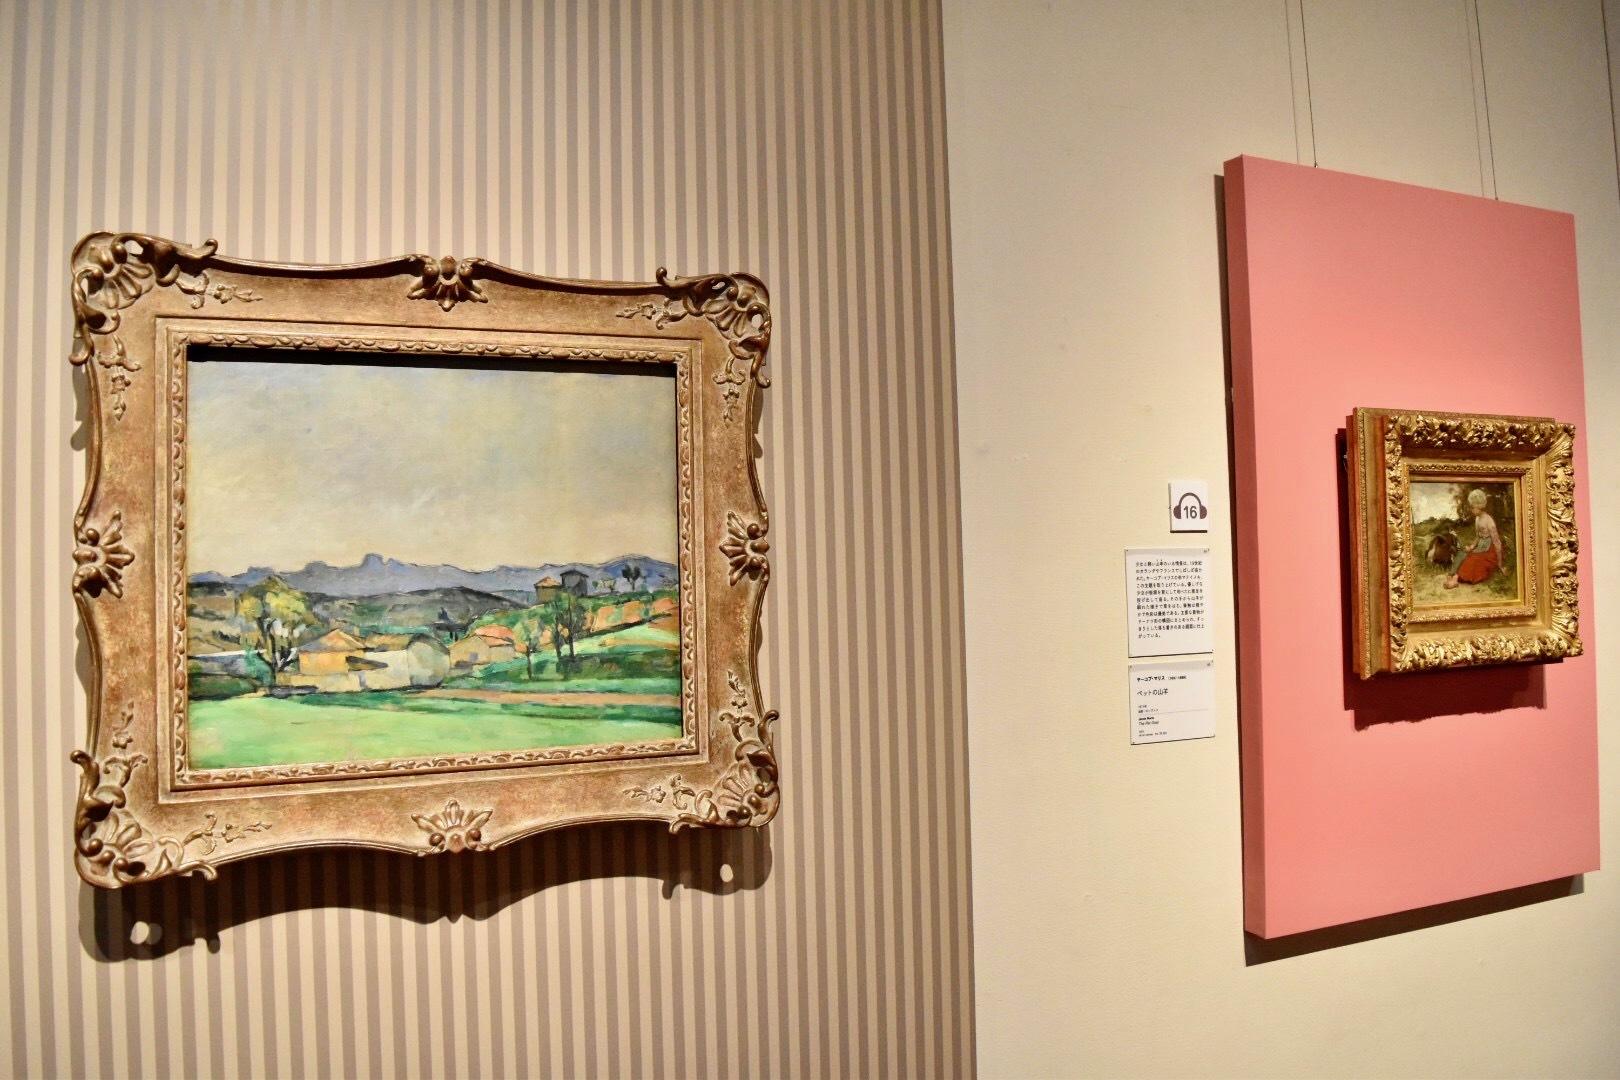 左:ポール・セザンヌ 《エトワール山稜とピロン・デュ・ロワ峰》 1878-79年 油彩、カンヴァス ケルヴィングローヴ美術博物館蔵 (C)CSG CIC Glasgow Museums Collection